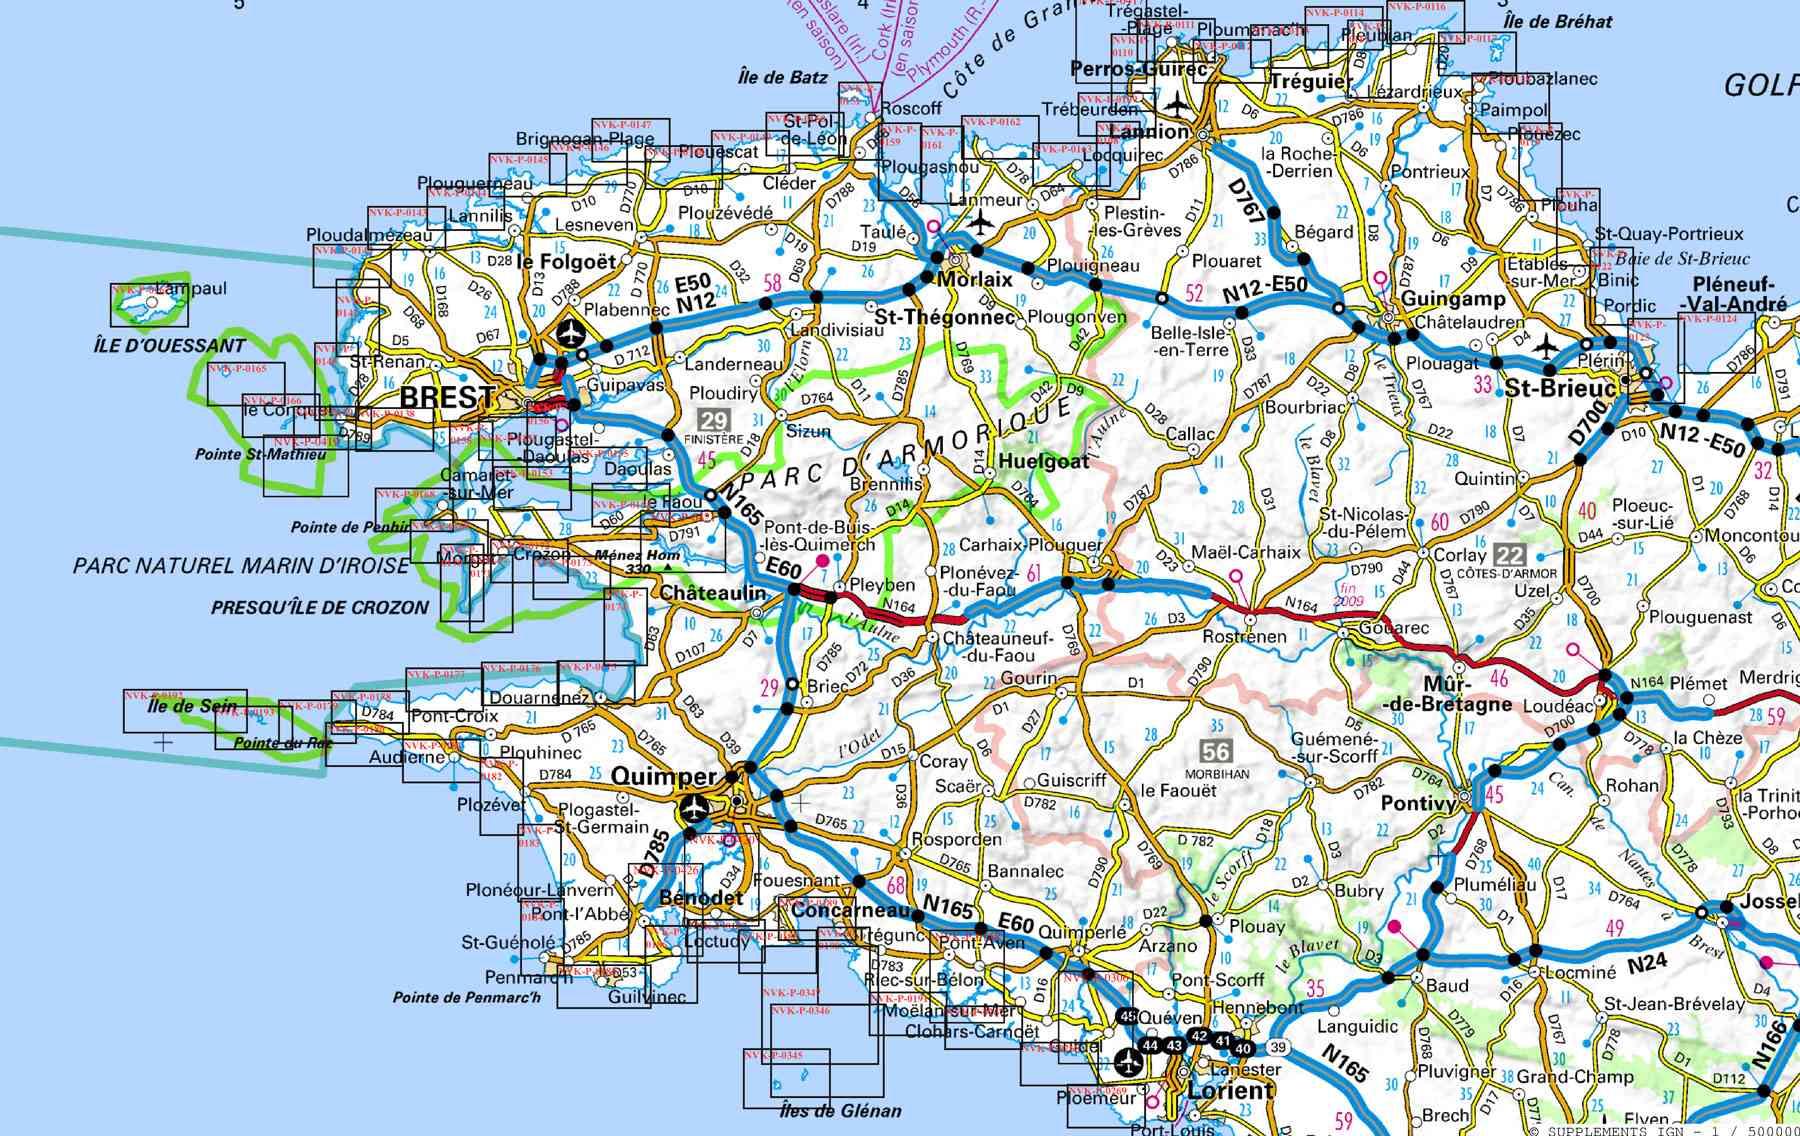 carte de bretagne sud itineraire